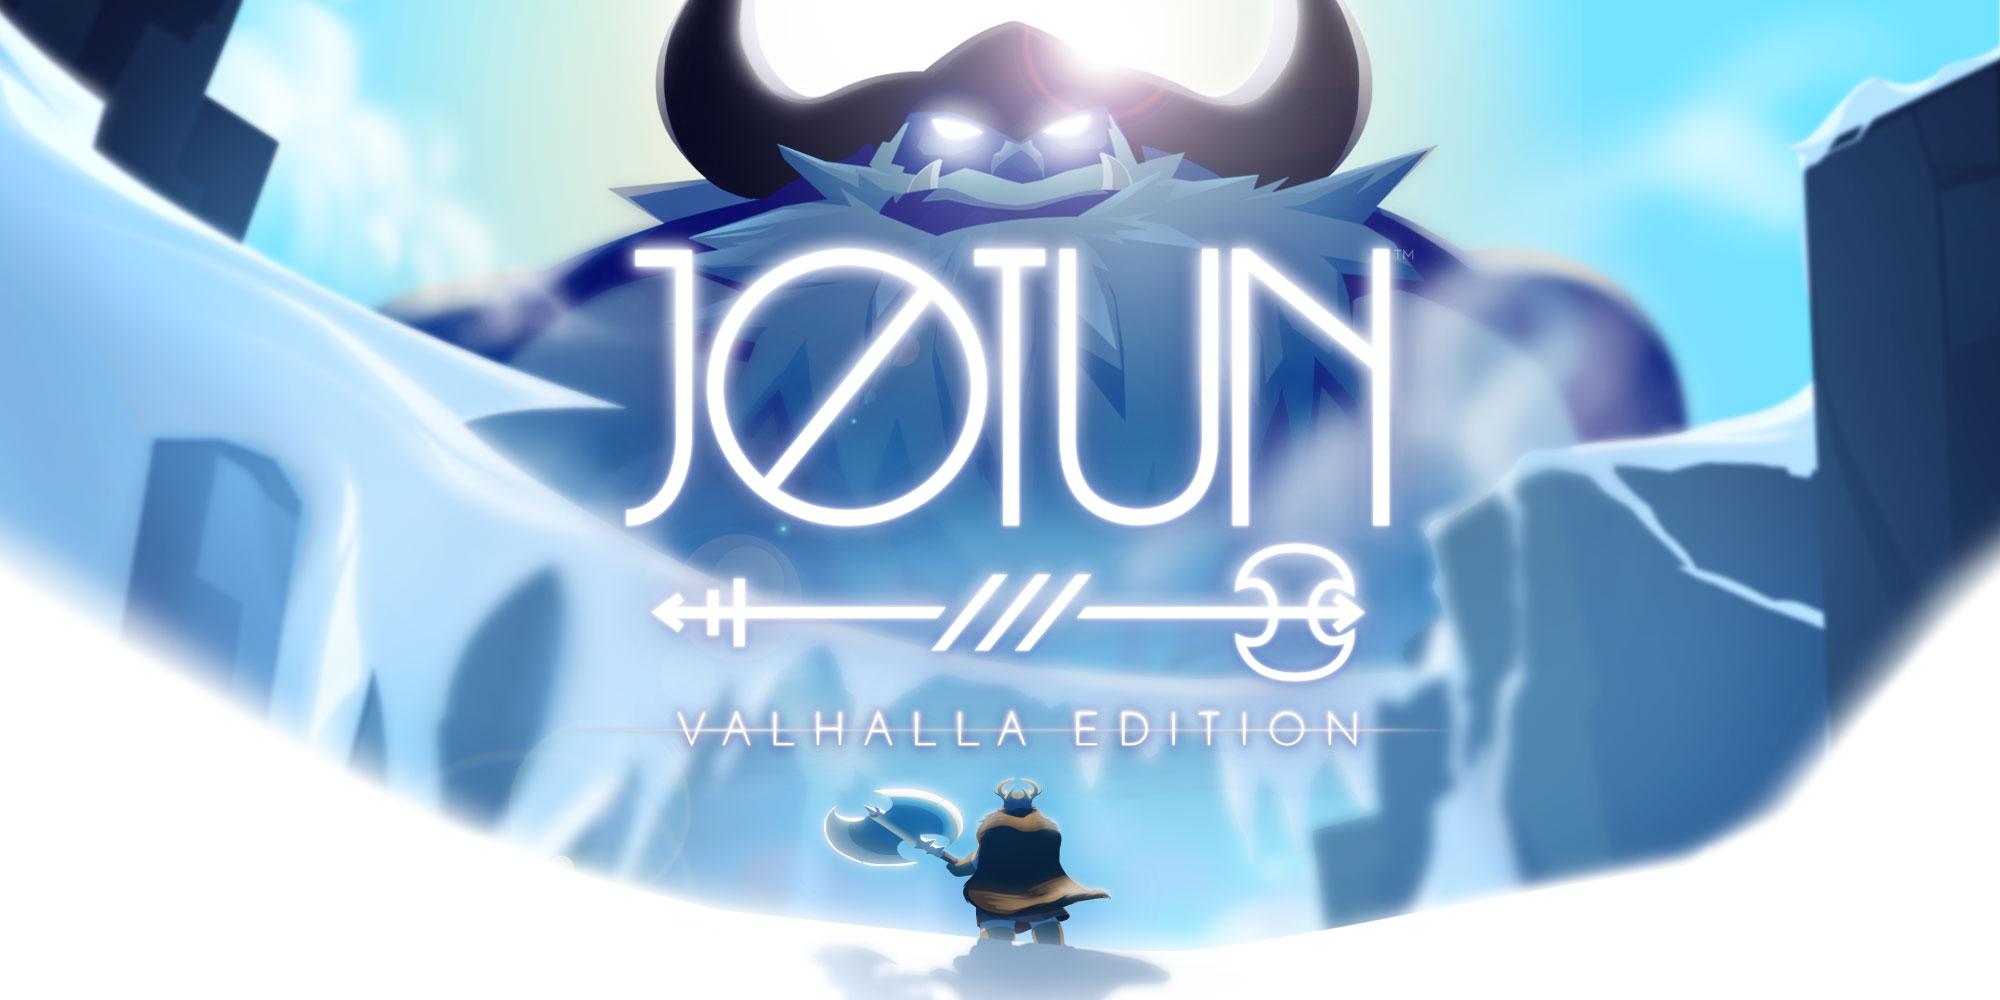 jotun es un juego con dibujos hechos a mano lleno de accin y exploracin que se desarrolla en la mitologa nrdica